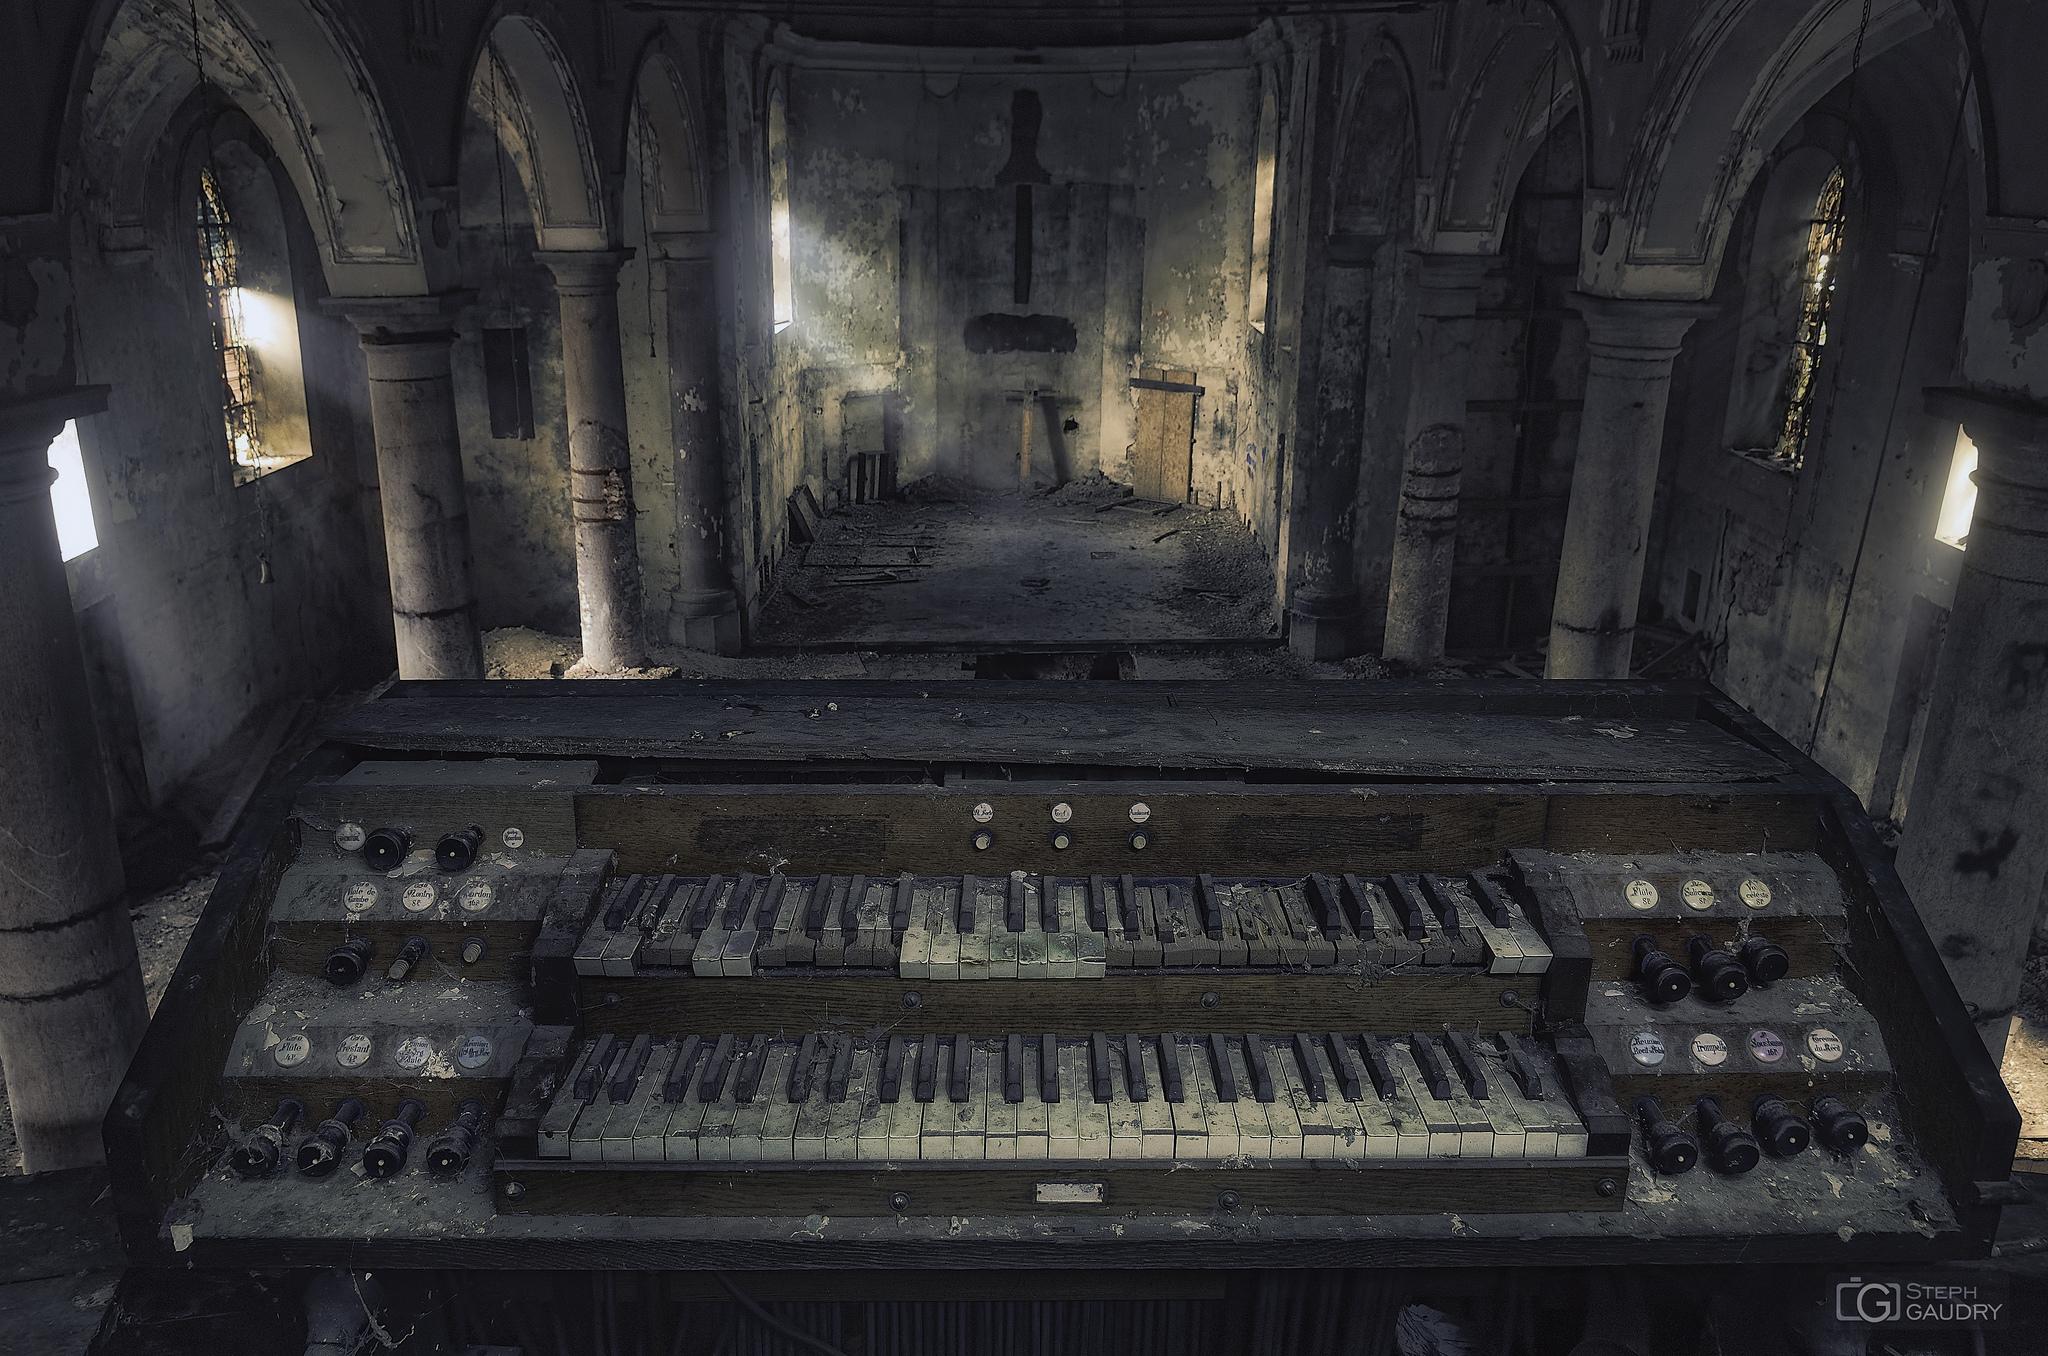 Heavenly music at Gravestone Church [Cliquez pour lancer le diaporama]